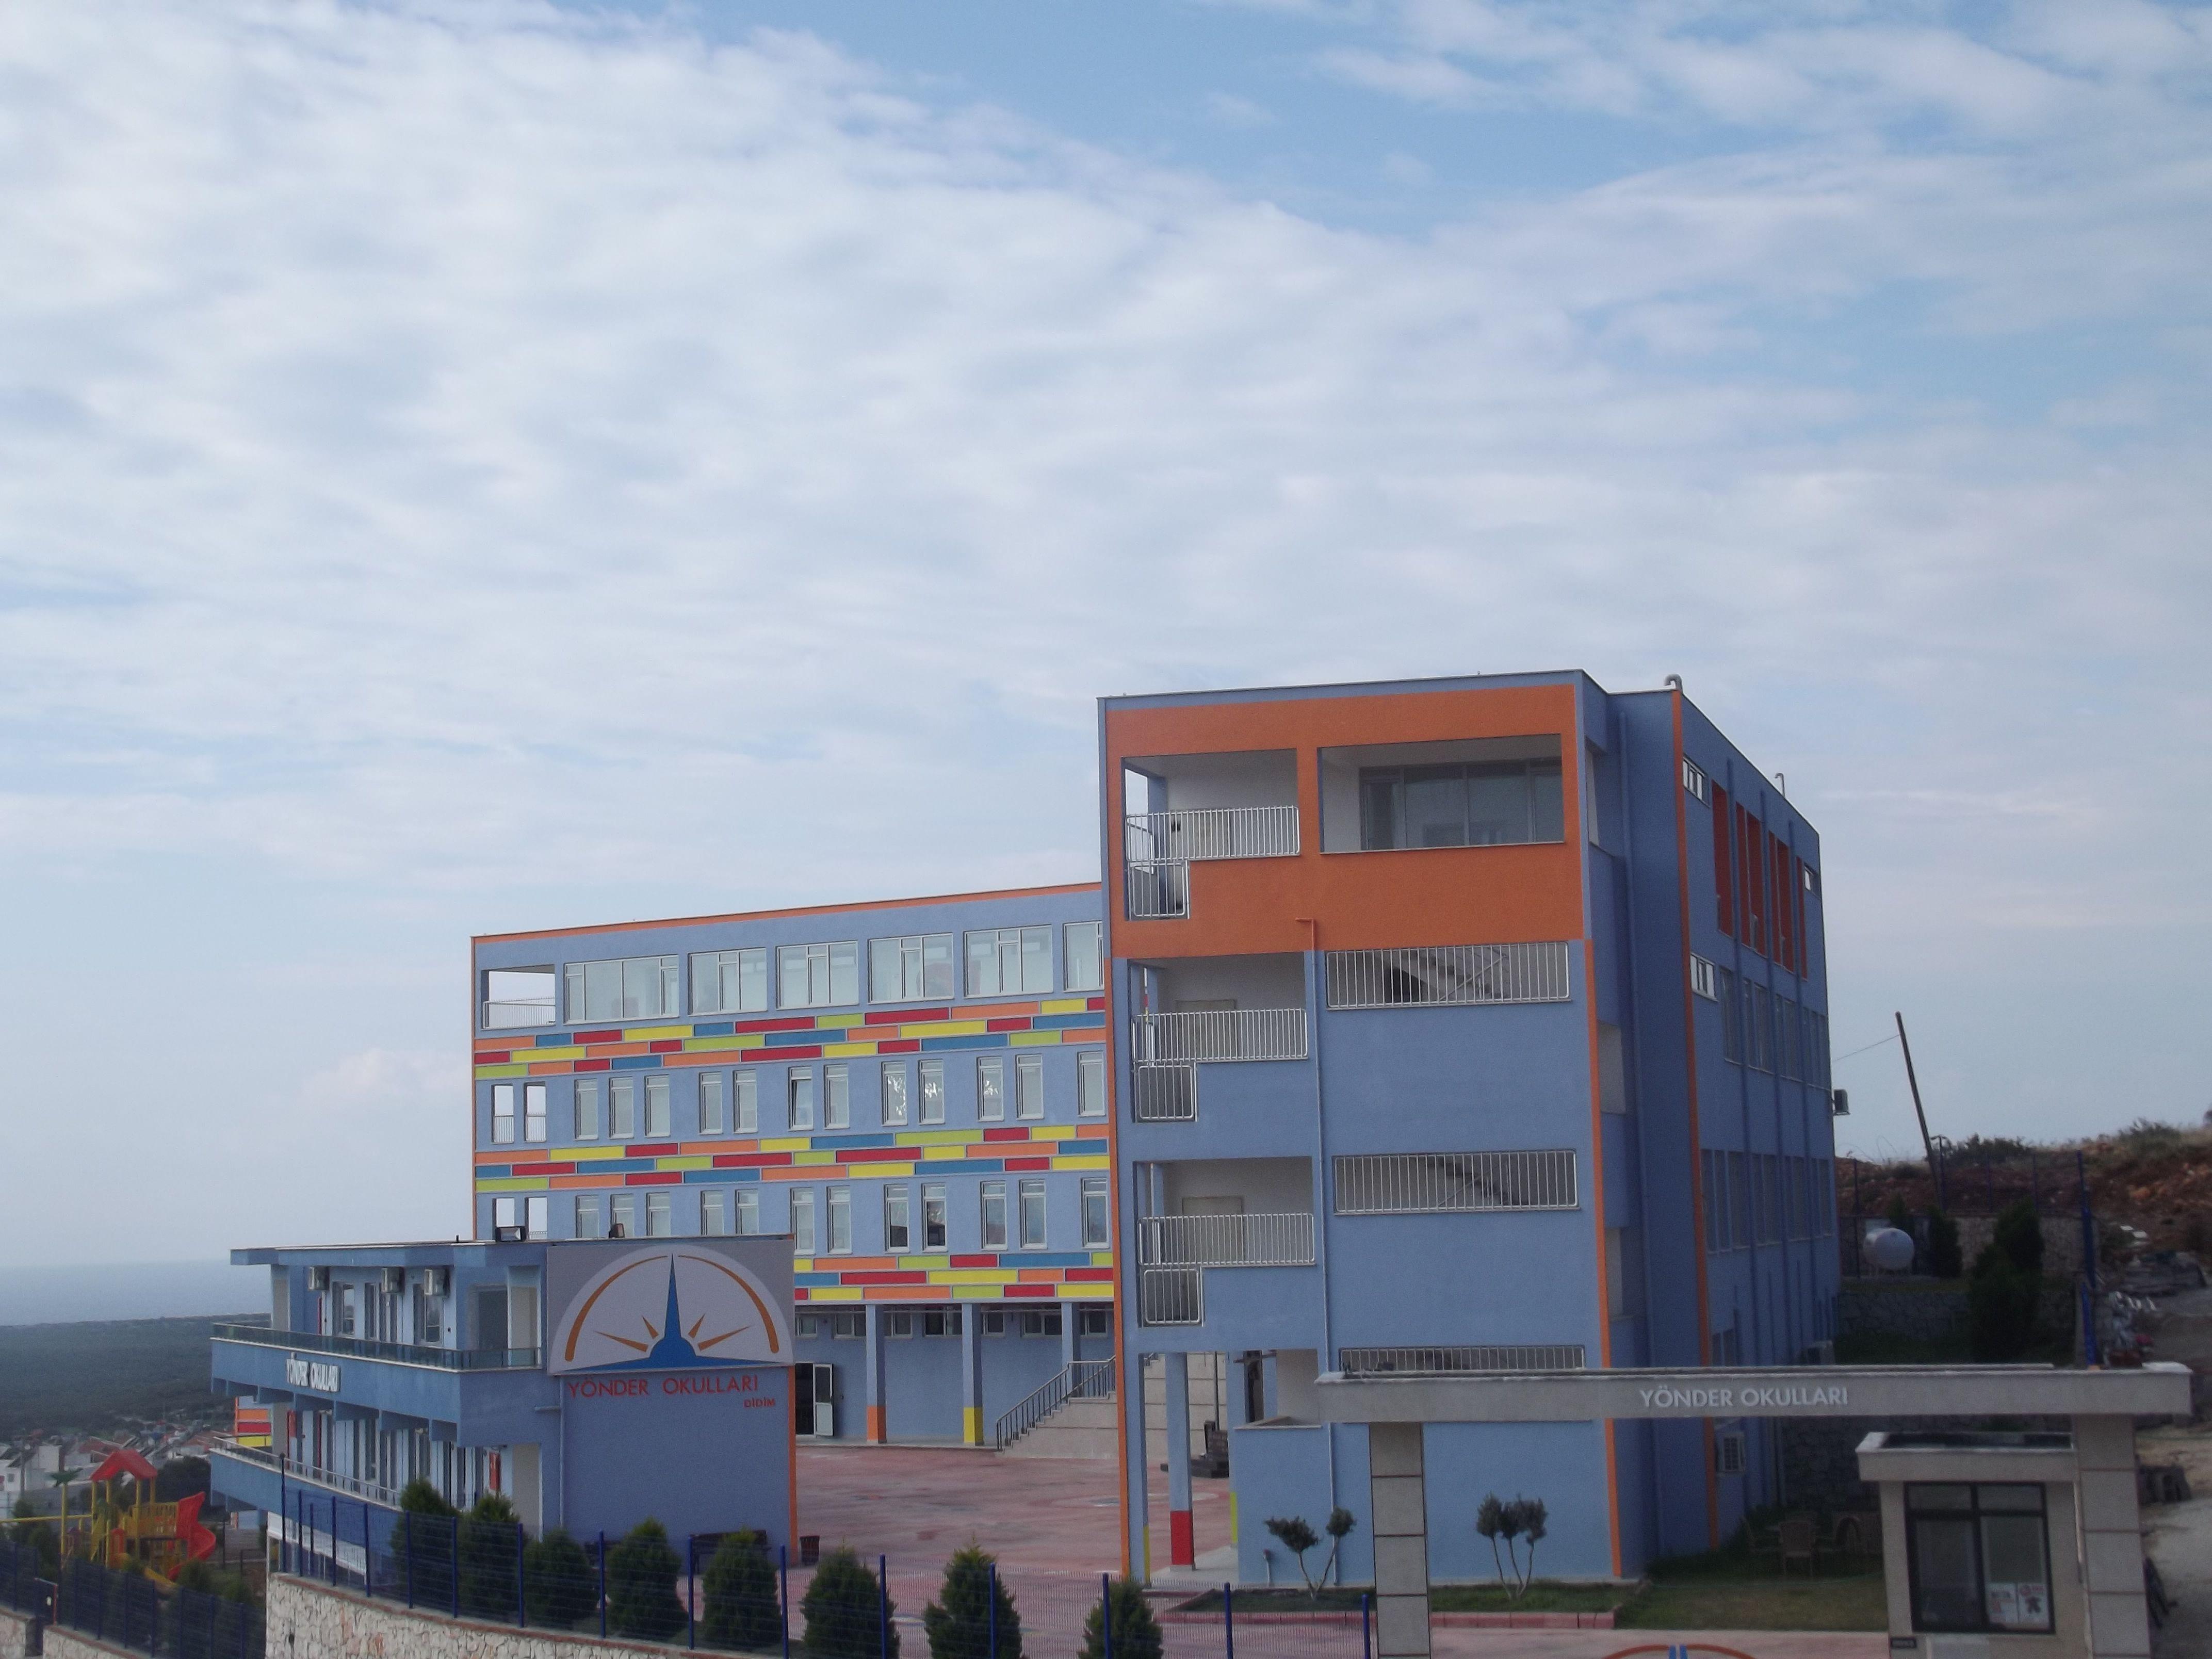 Yönder Okulları Didim Ortaokulu